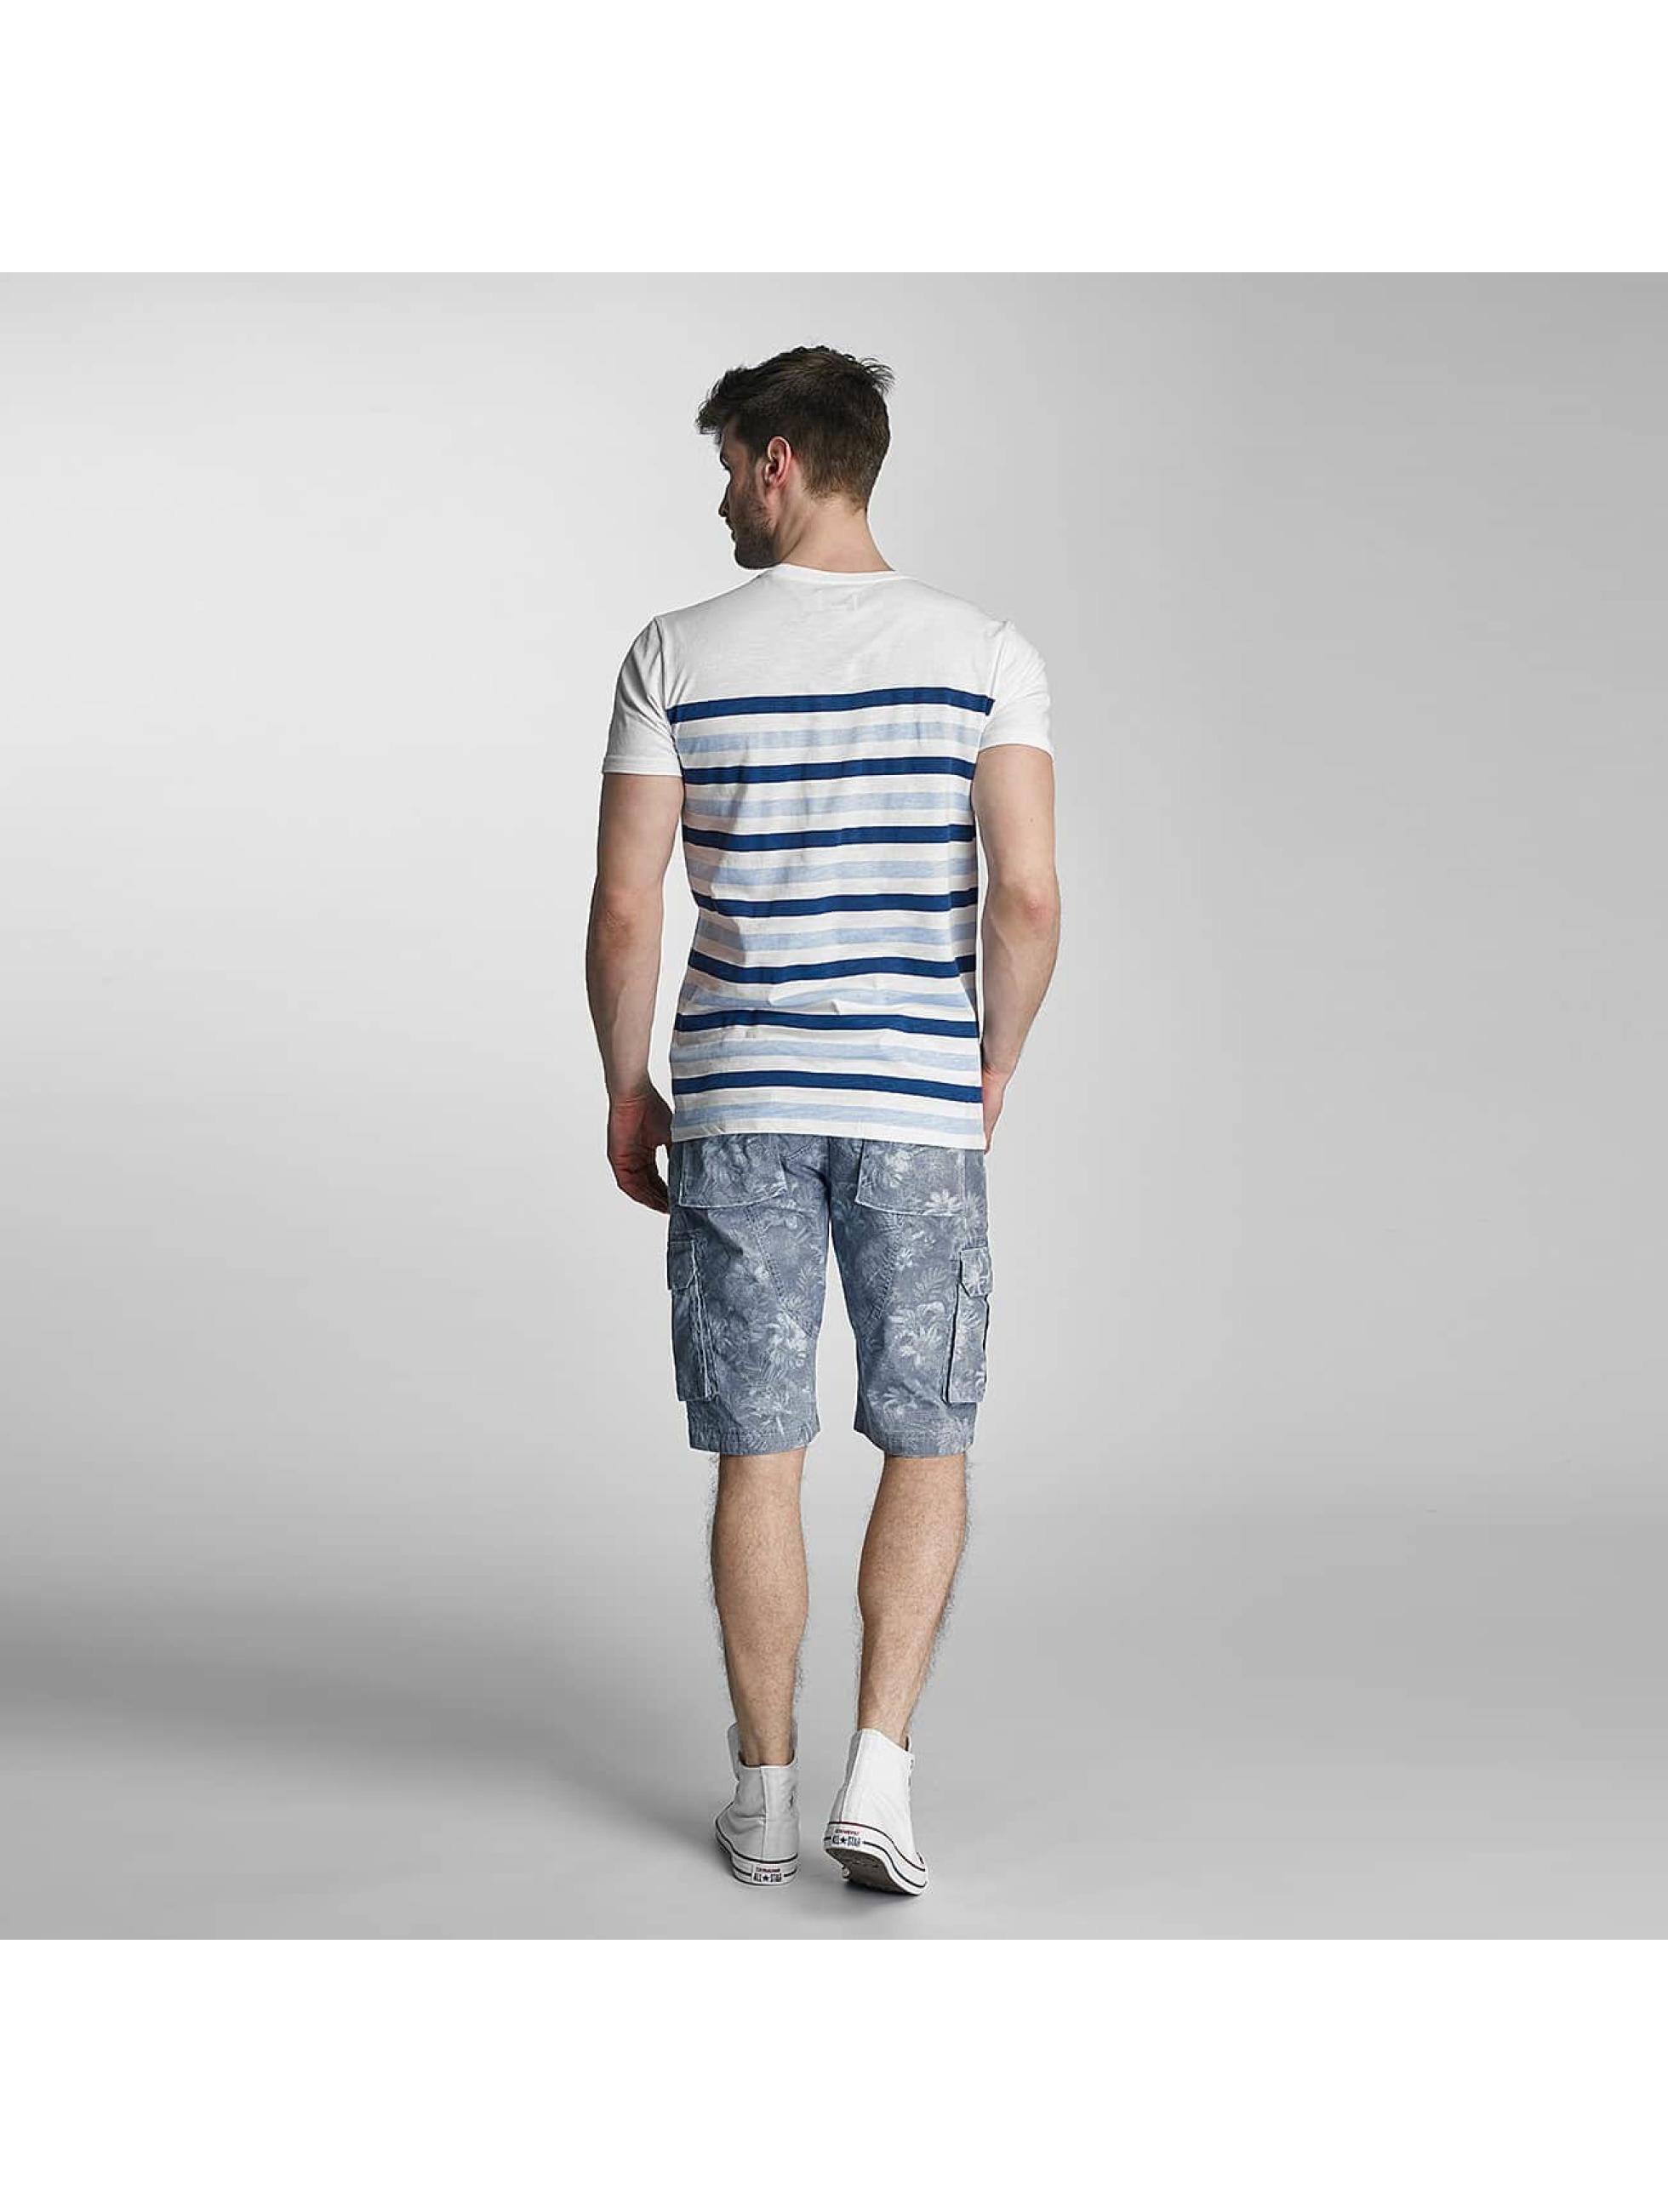 SHINE Original Camiseta Striped azul